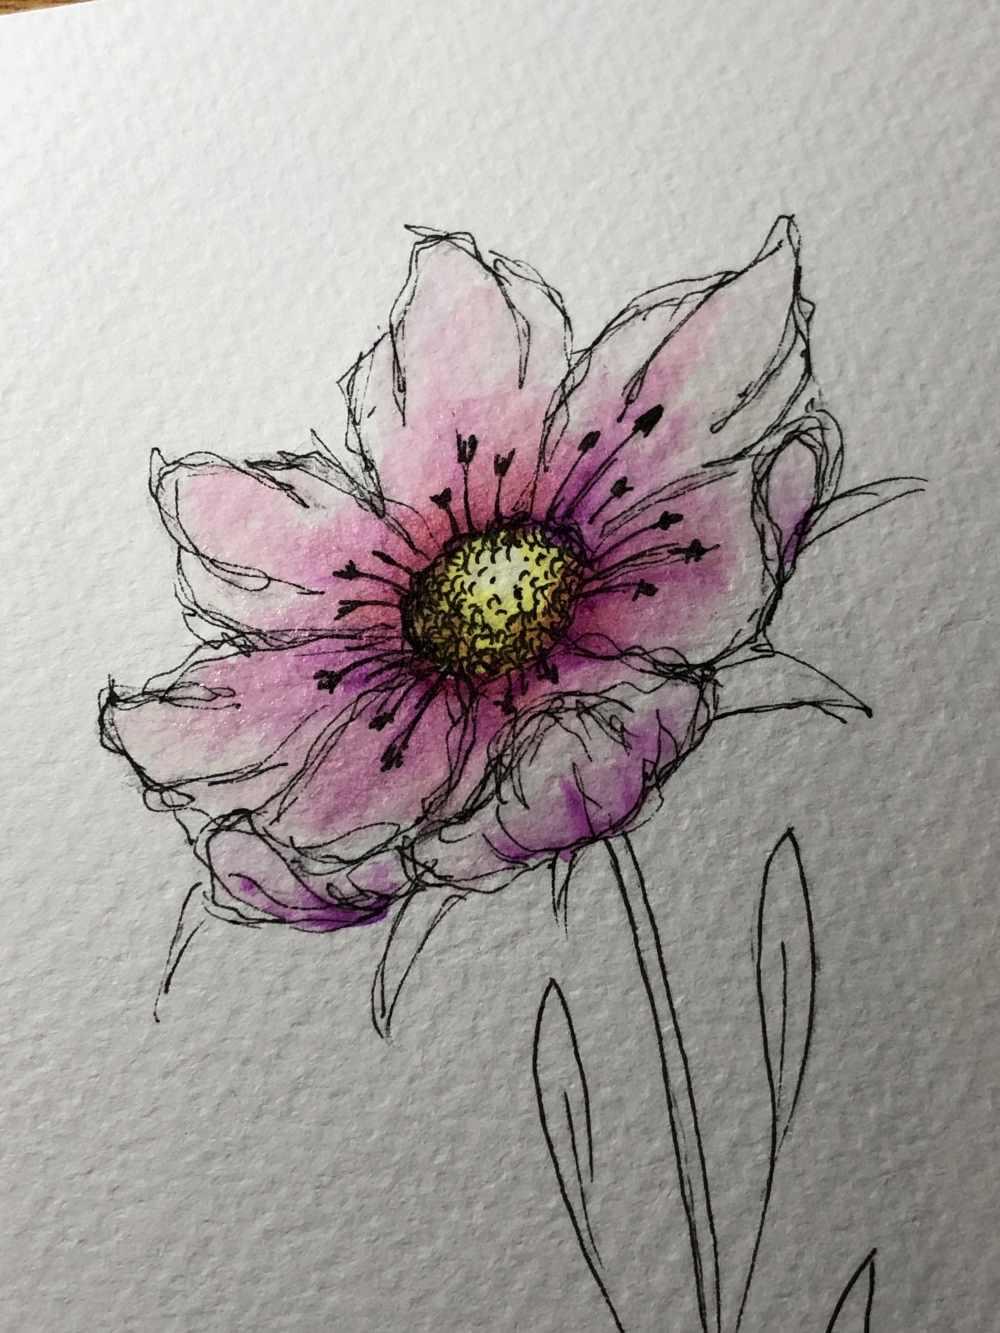 Blumenblüte mit der Ellipsentechnik gezeichnet und mit Farben ausgemalt